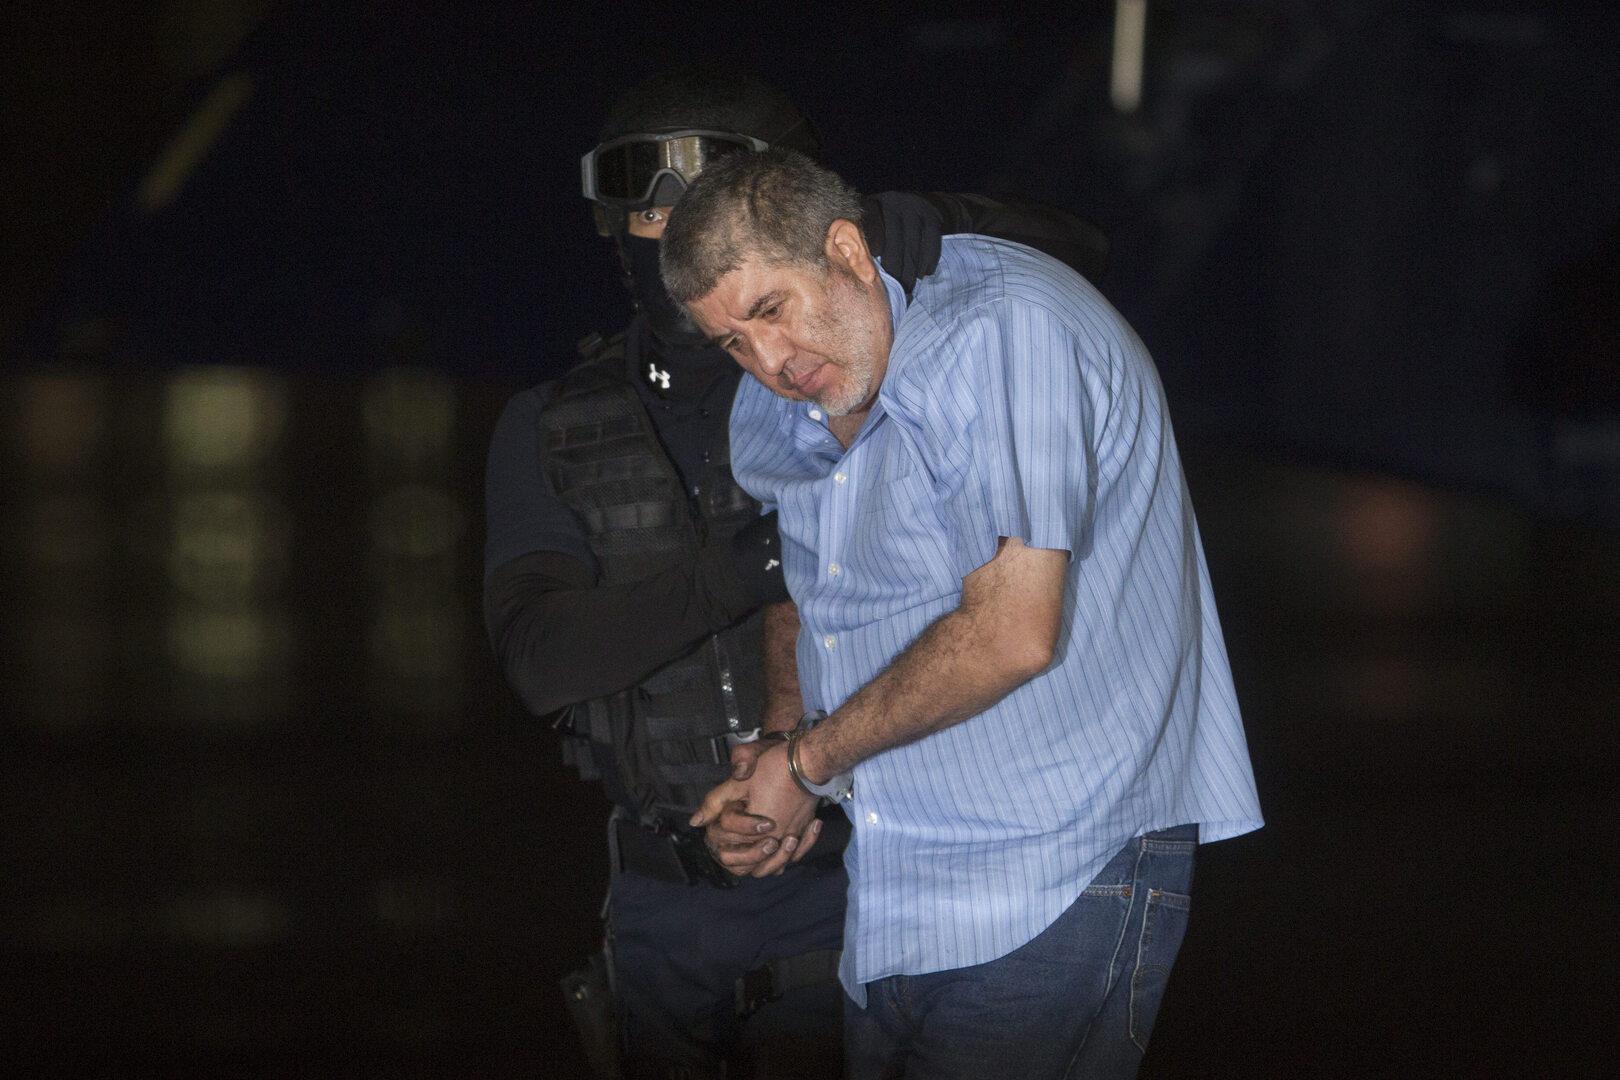 المكسيك.. السجن 28 عاما لزعيم إحدى أكبر عصابات المخدرات